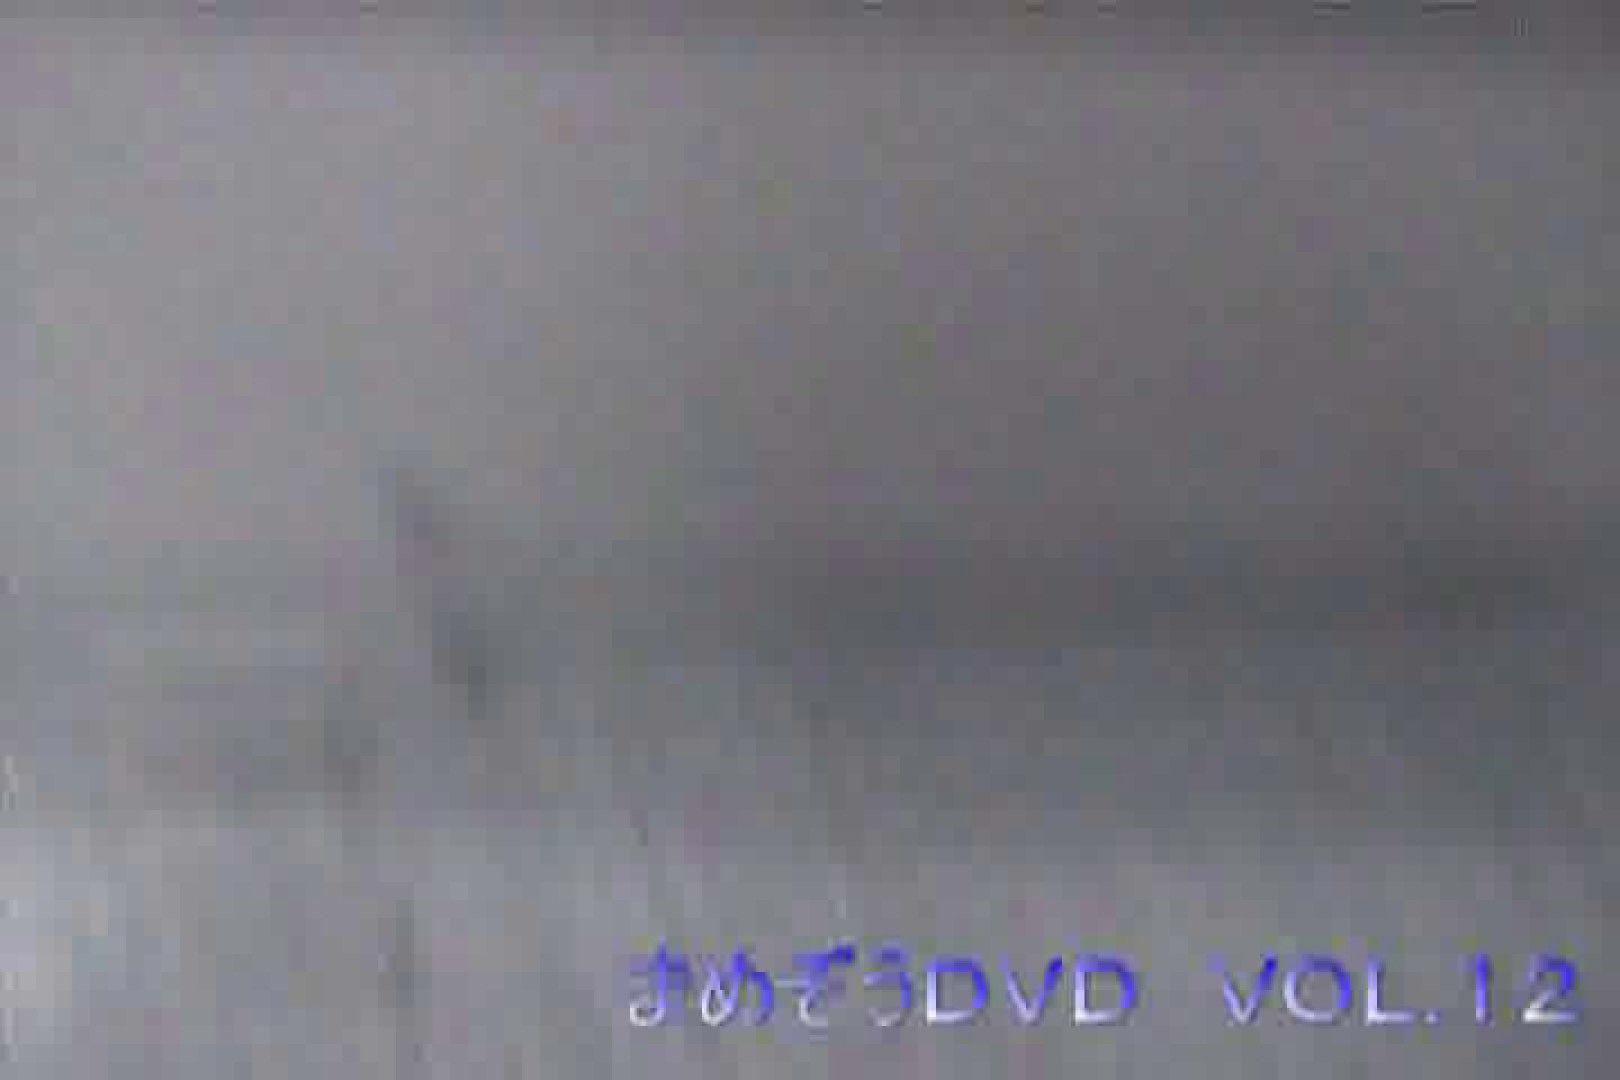 まめぞうDVD完全版VOL.12 OL   ギャル・コレクション  63連発 36